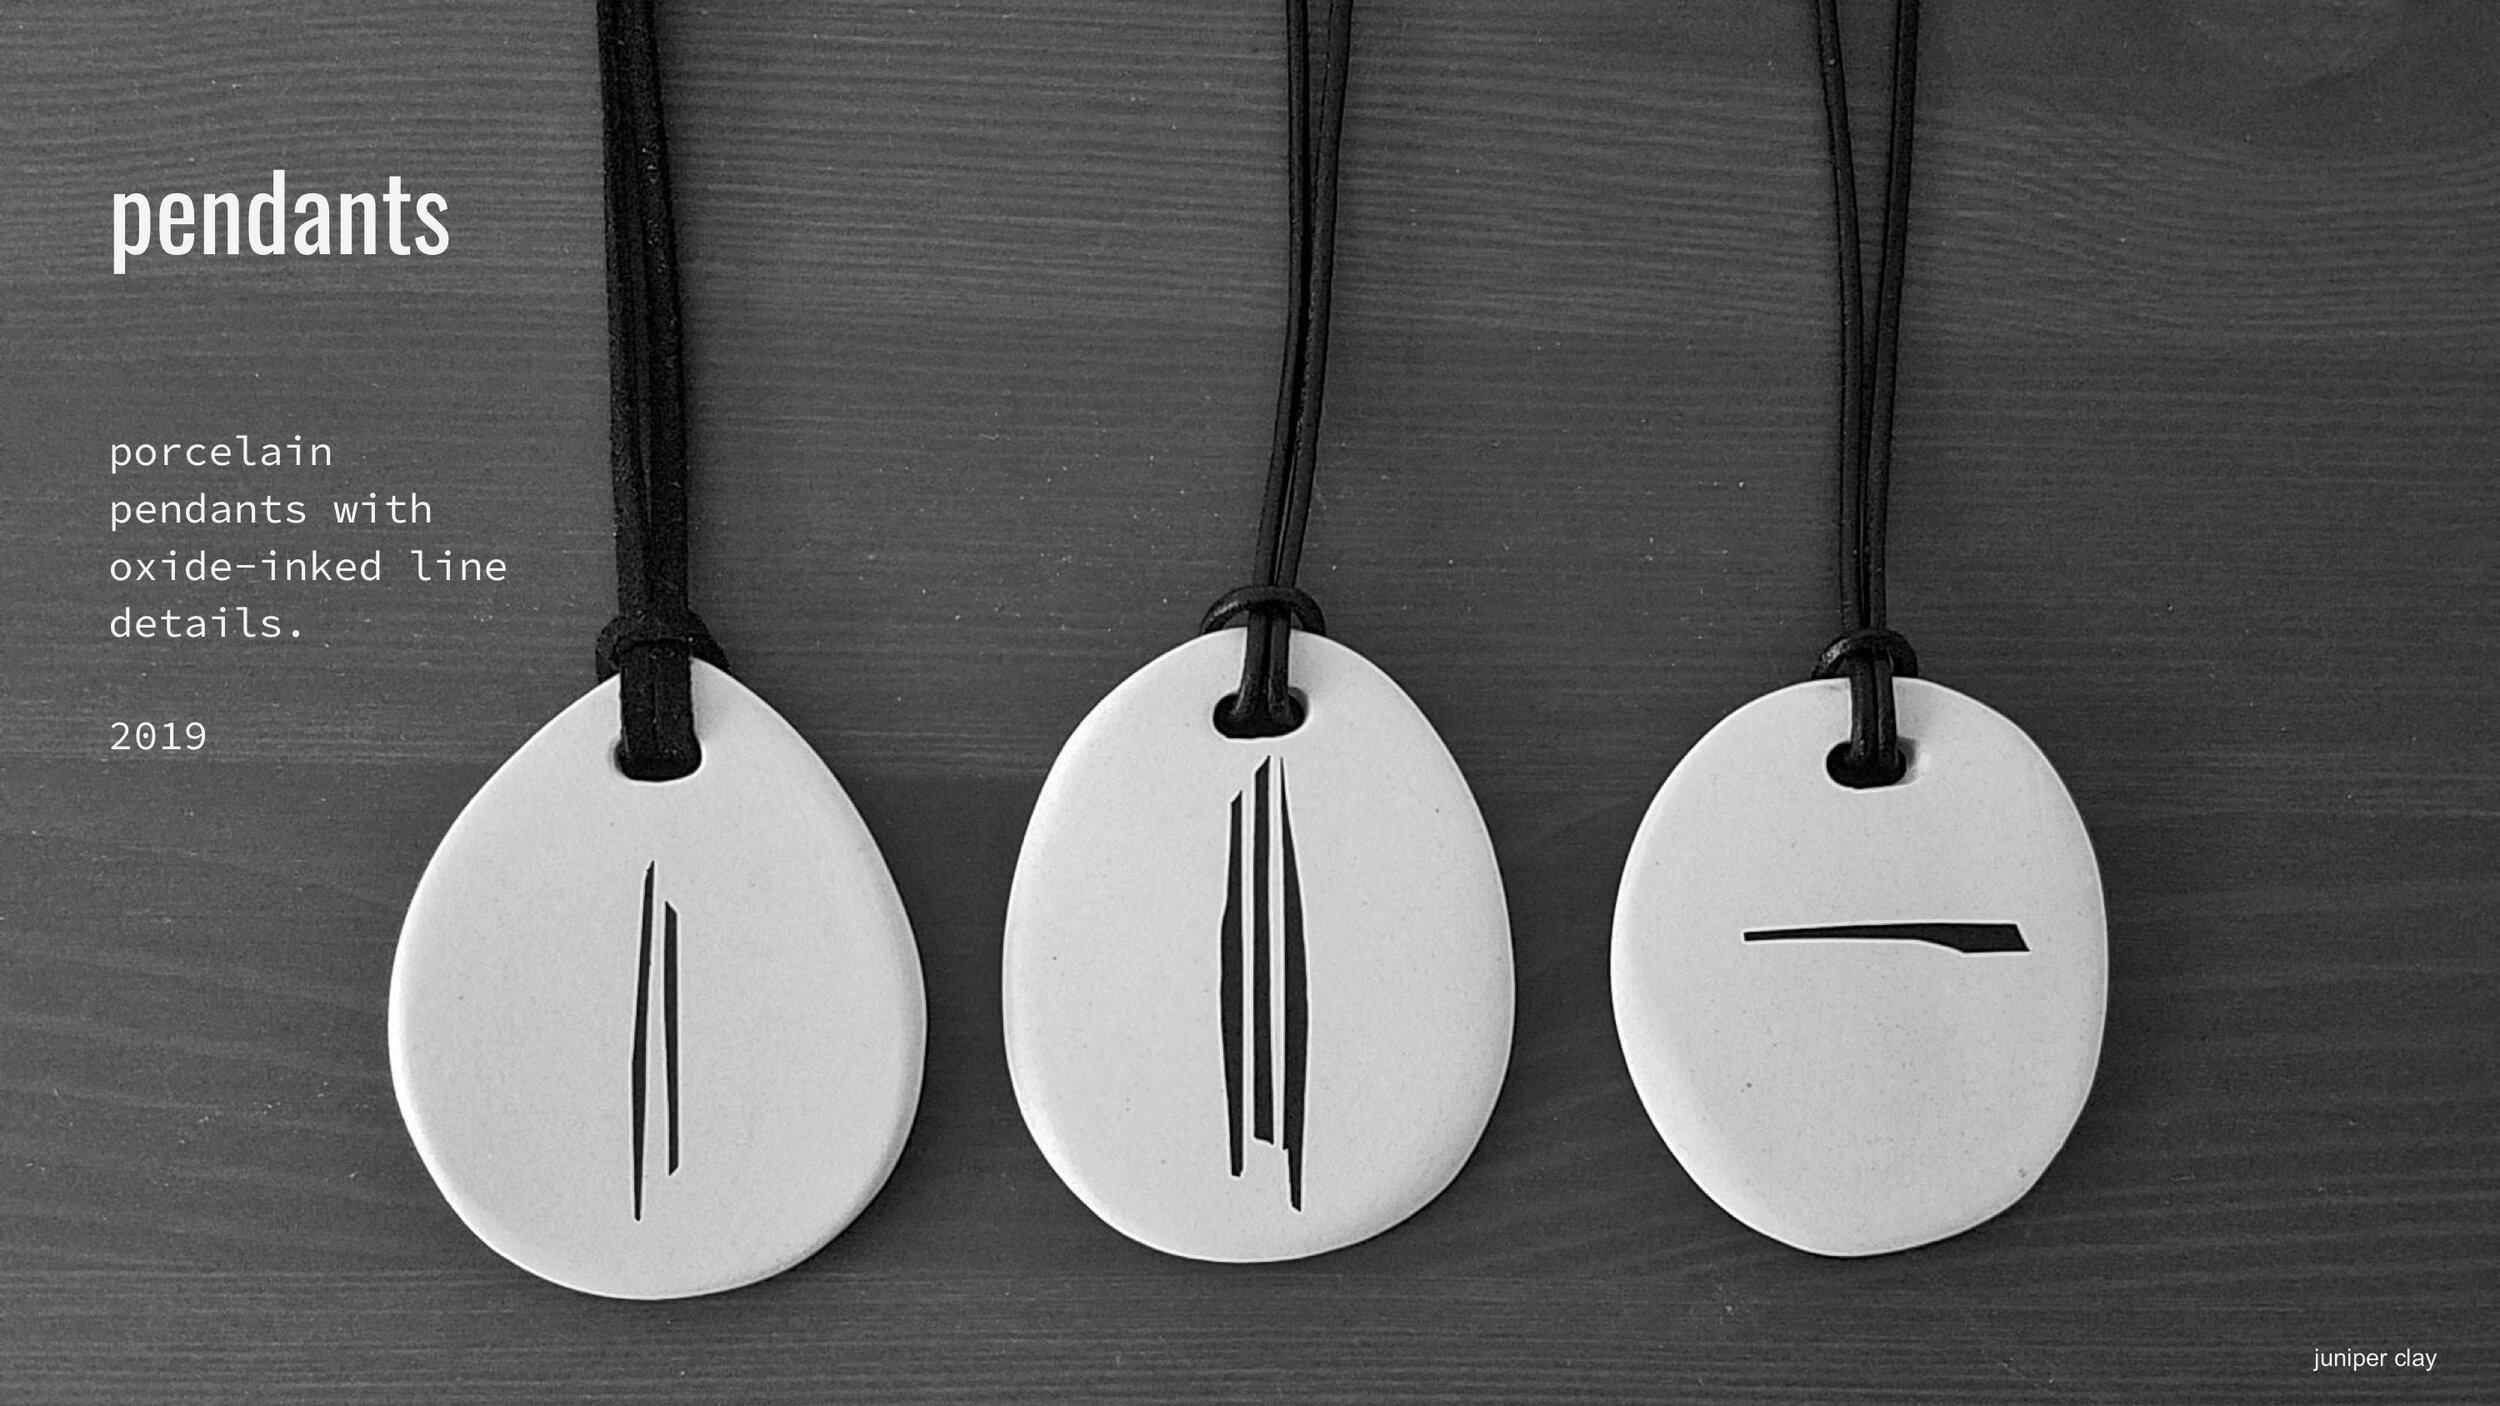 kbatiste_pendants.jpg